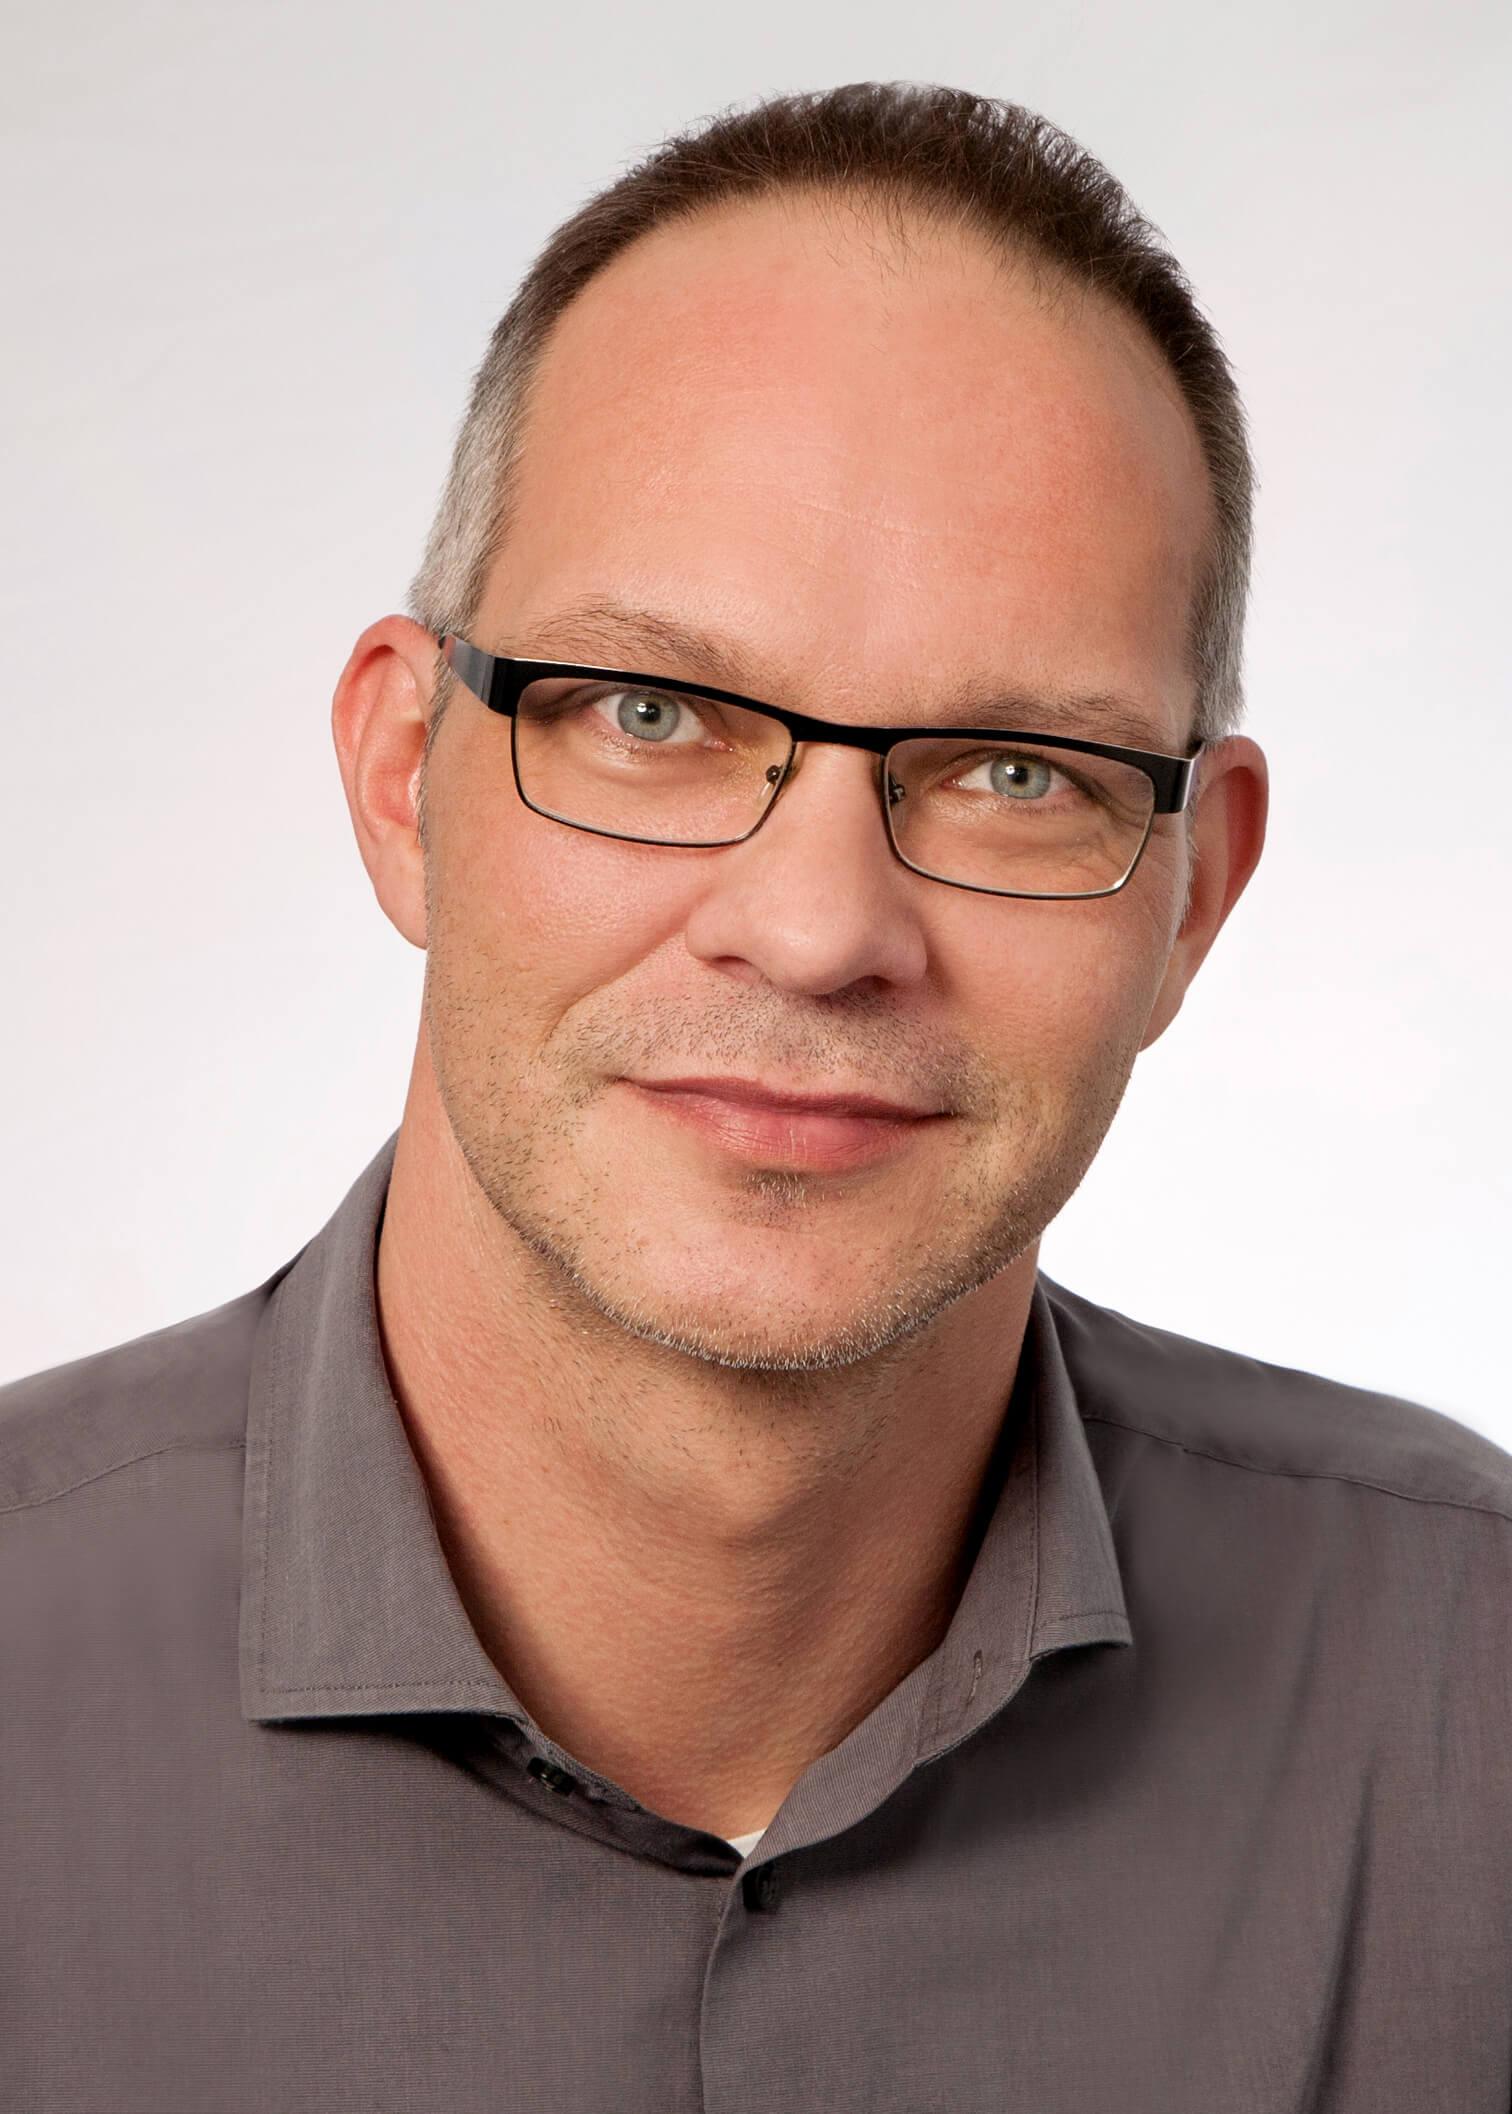 Burghard Schneider